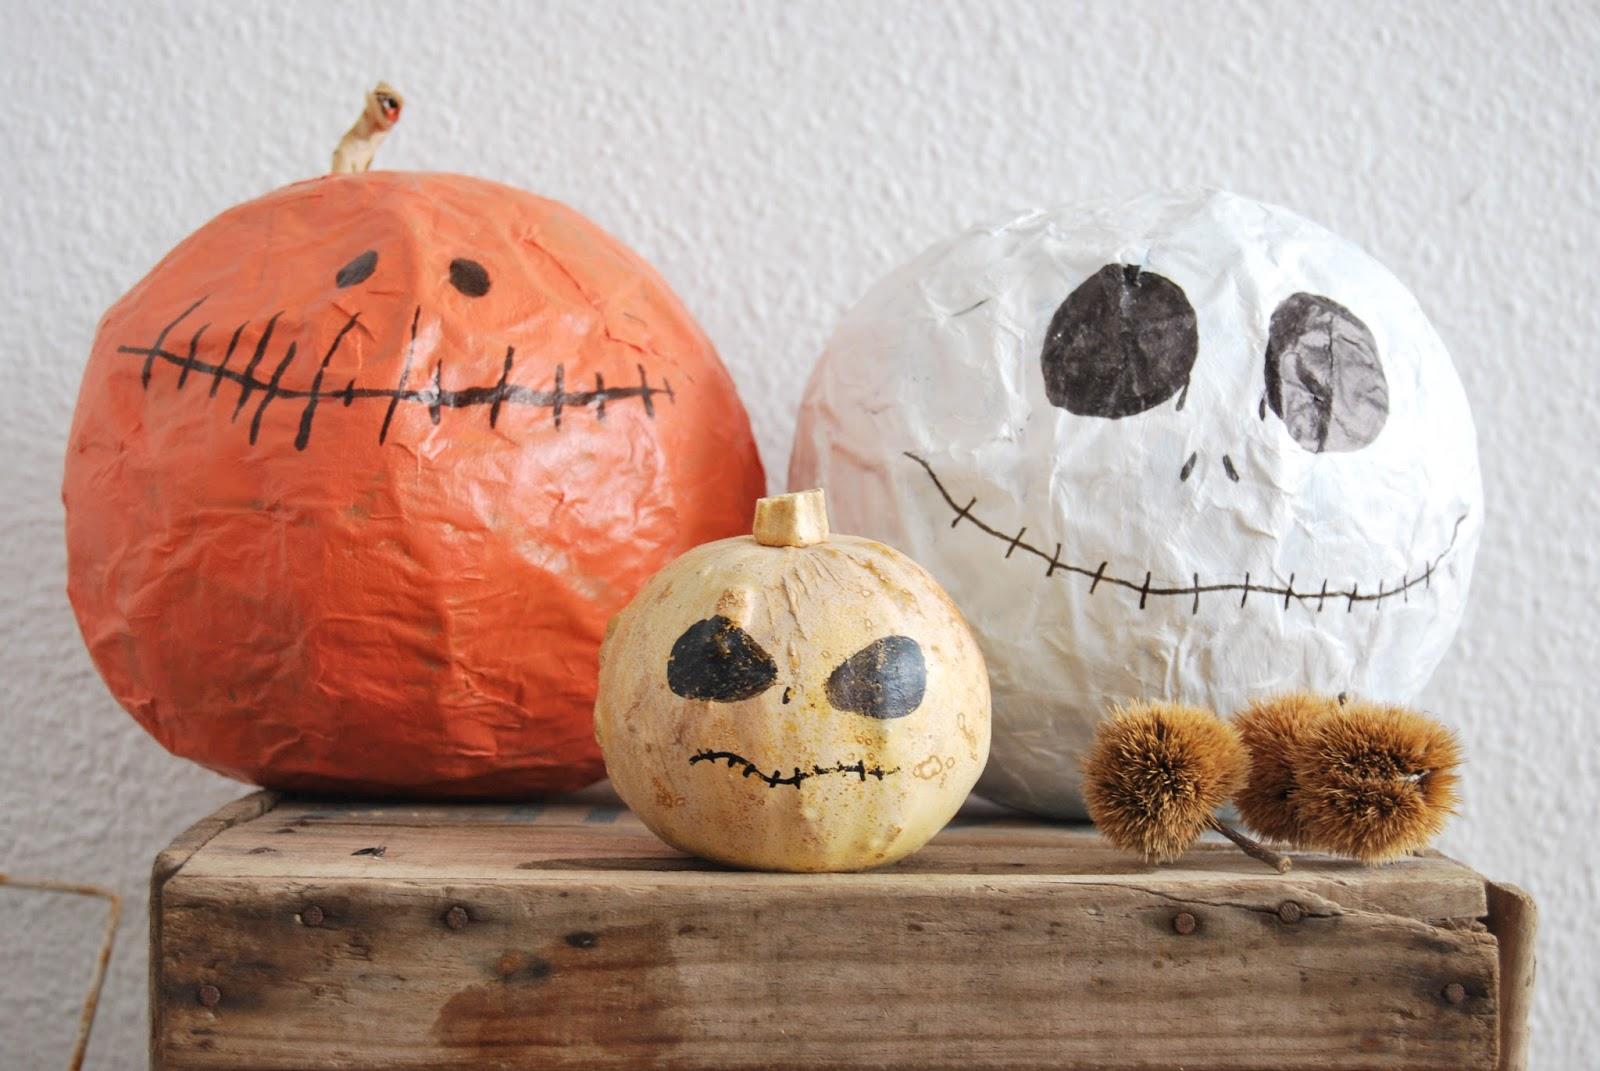 Calabaza Facil Para Hacer Con Ninos Este Halloween Handbox Craft - Calabaza-de-papel